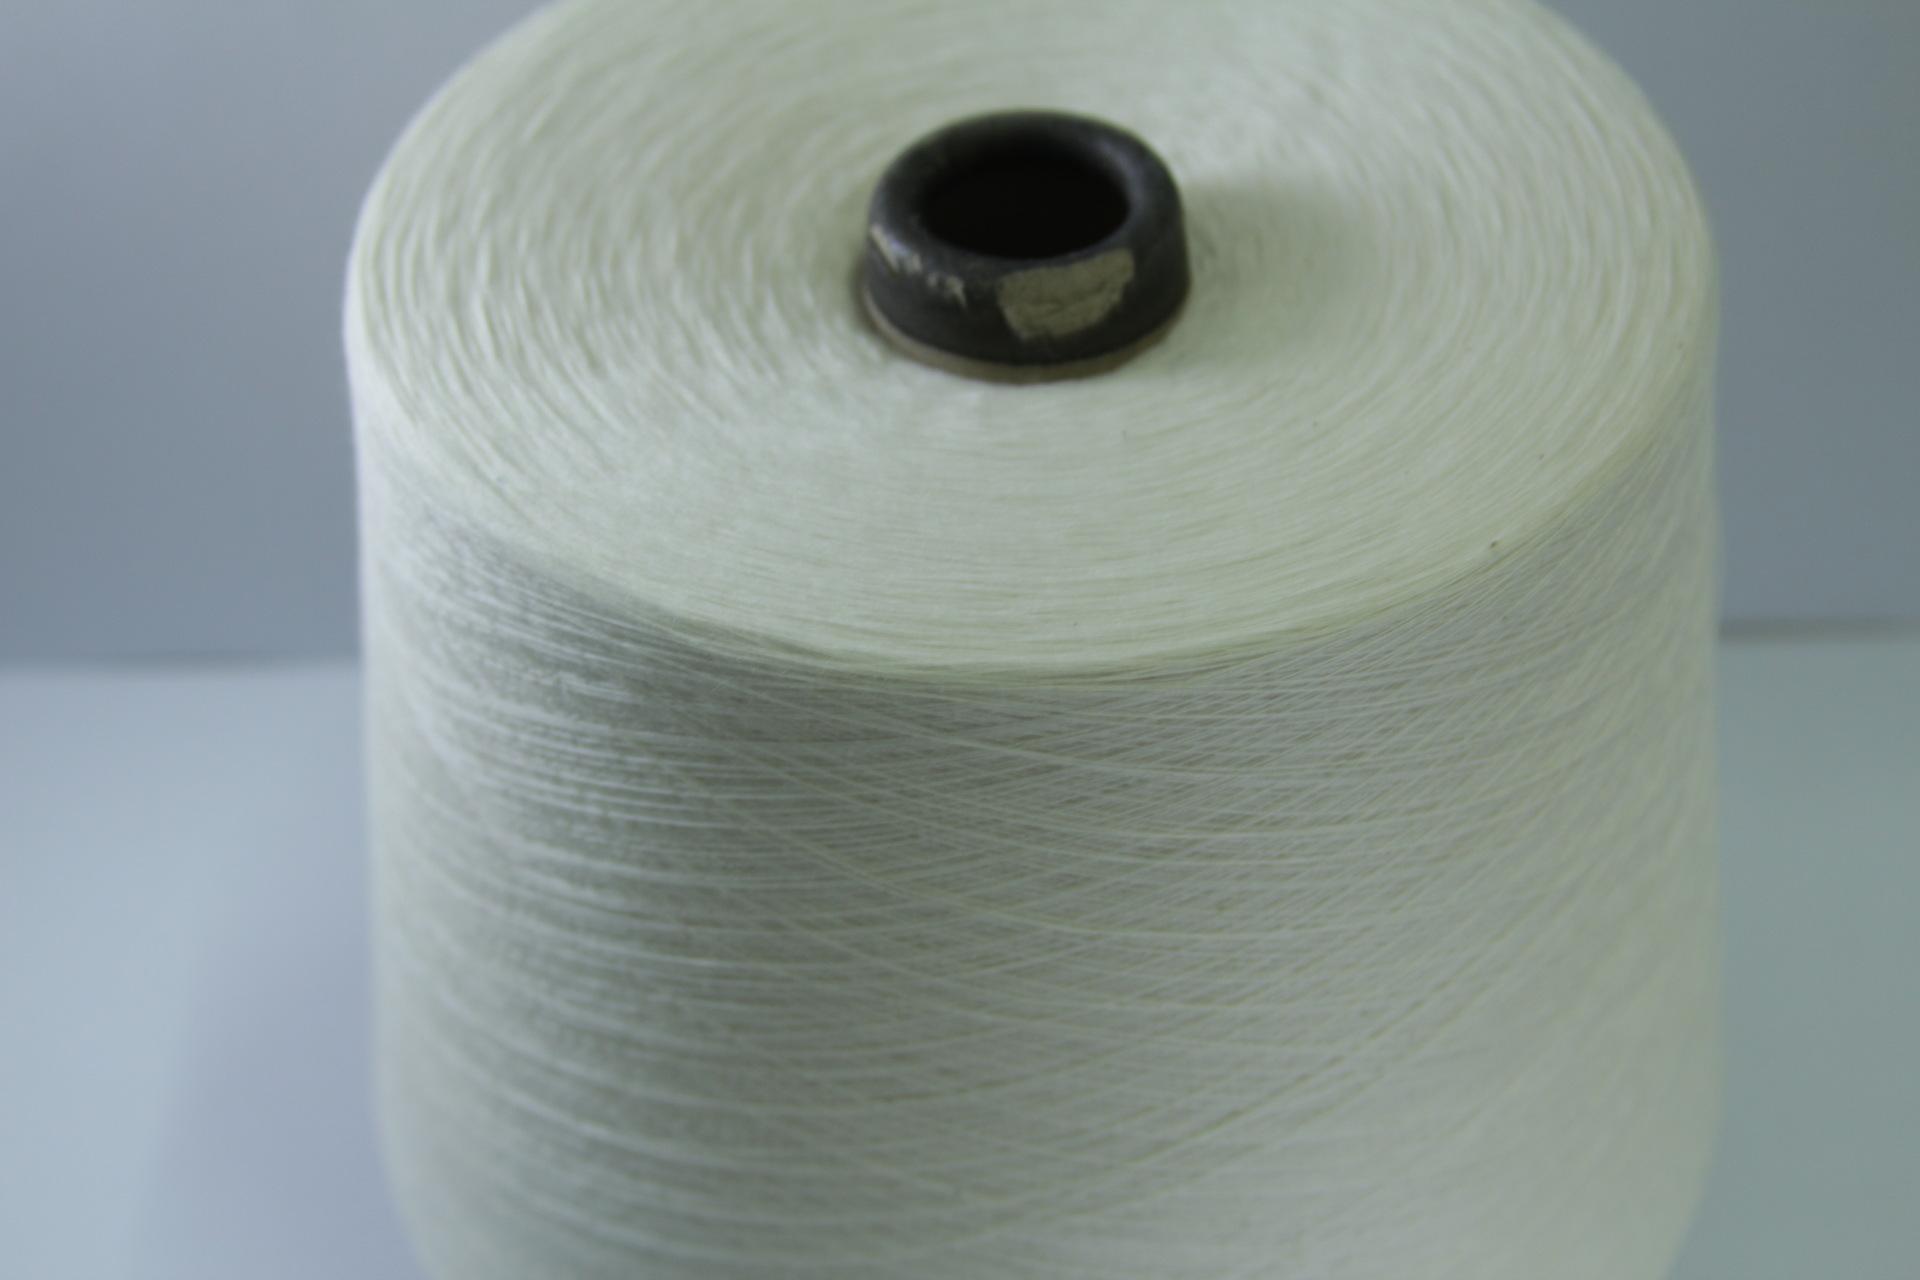 Sợi pha , sợi tổng hợp Sợi len pha trộn sợi len Sợi len sợi acrylic Sợi len xoắn acrylic Sợi len pha